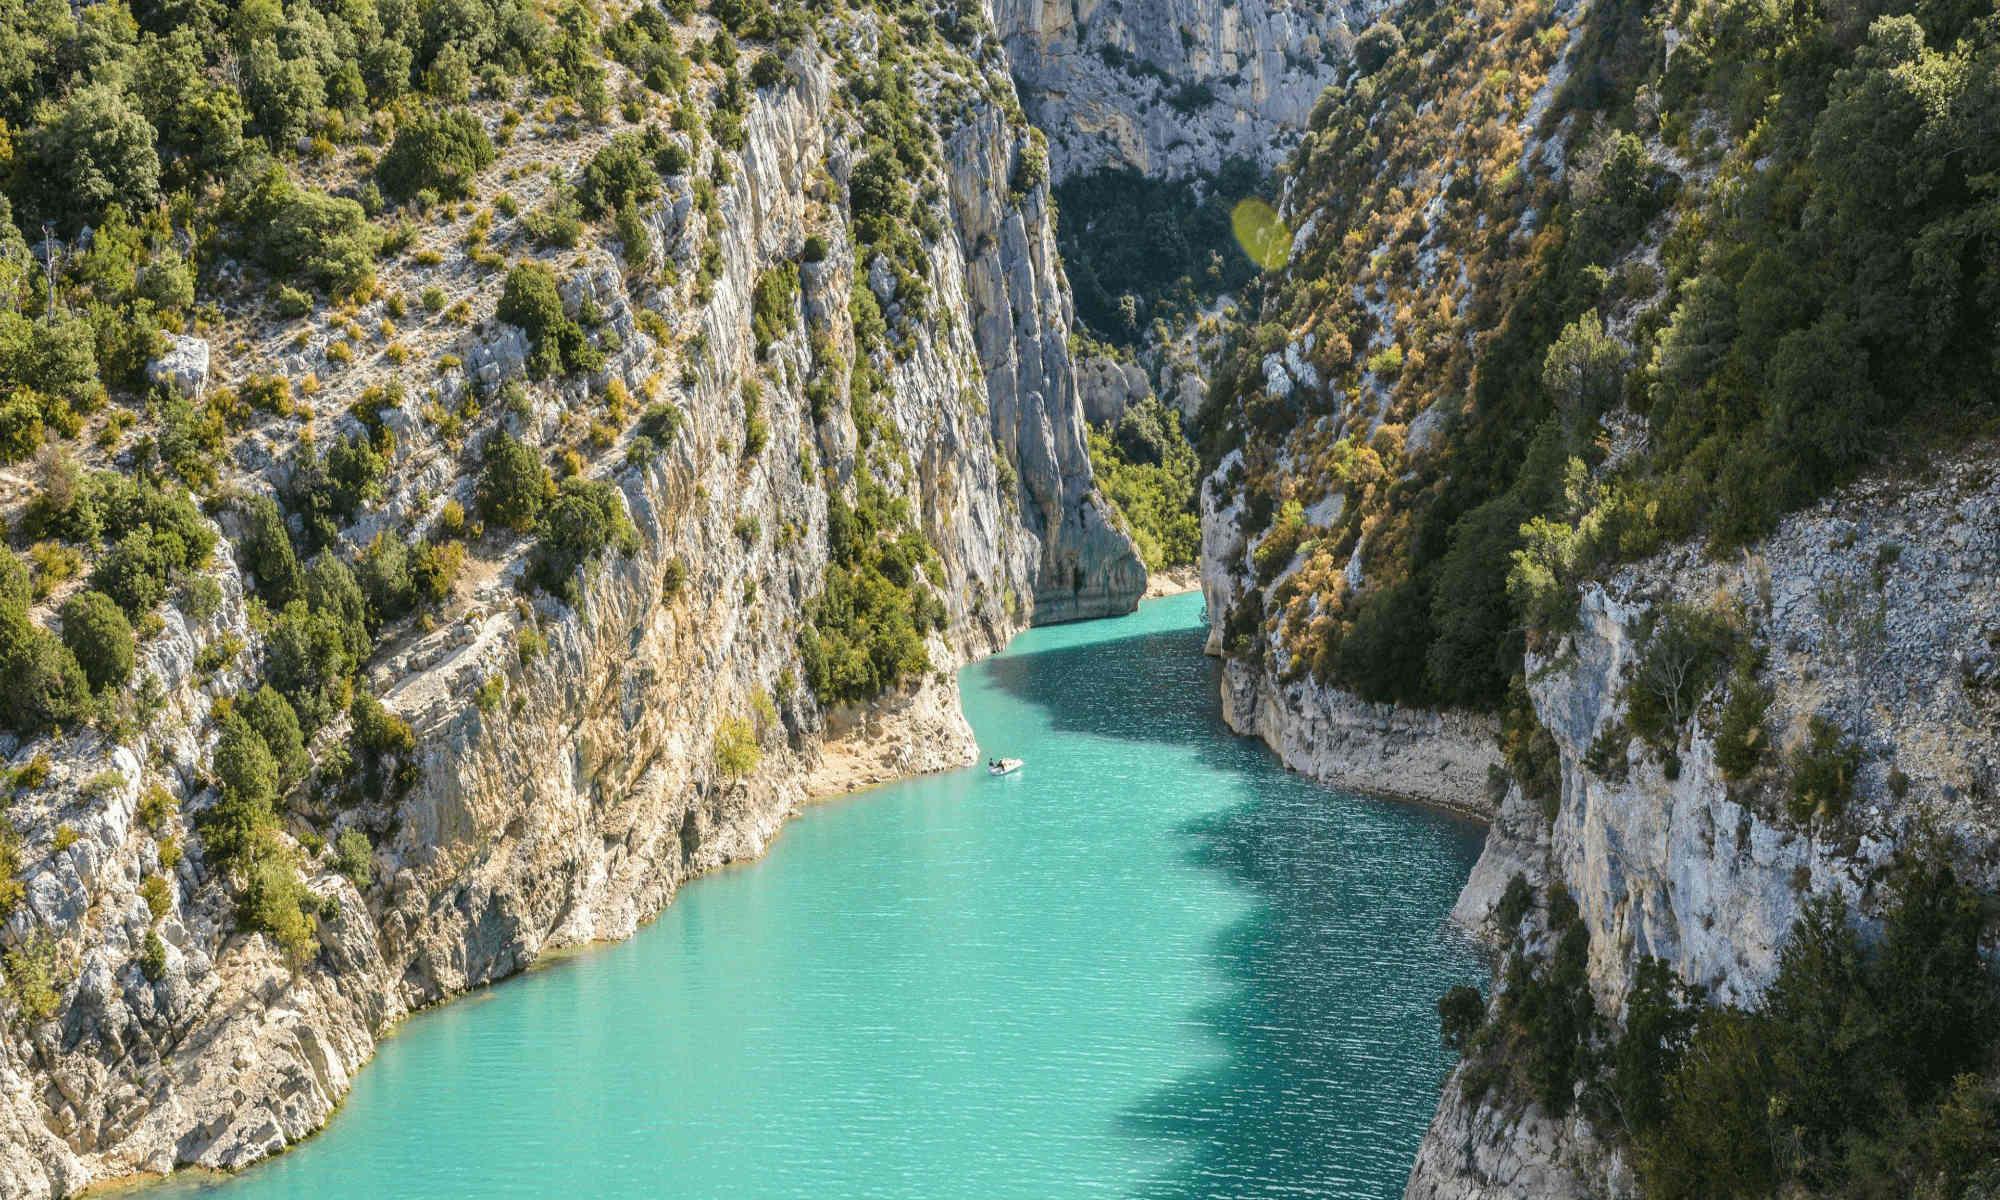 L'eau turquoise du Verdon entre les falaises calcaires.